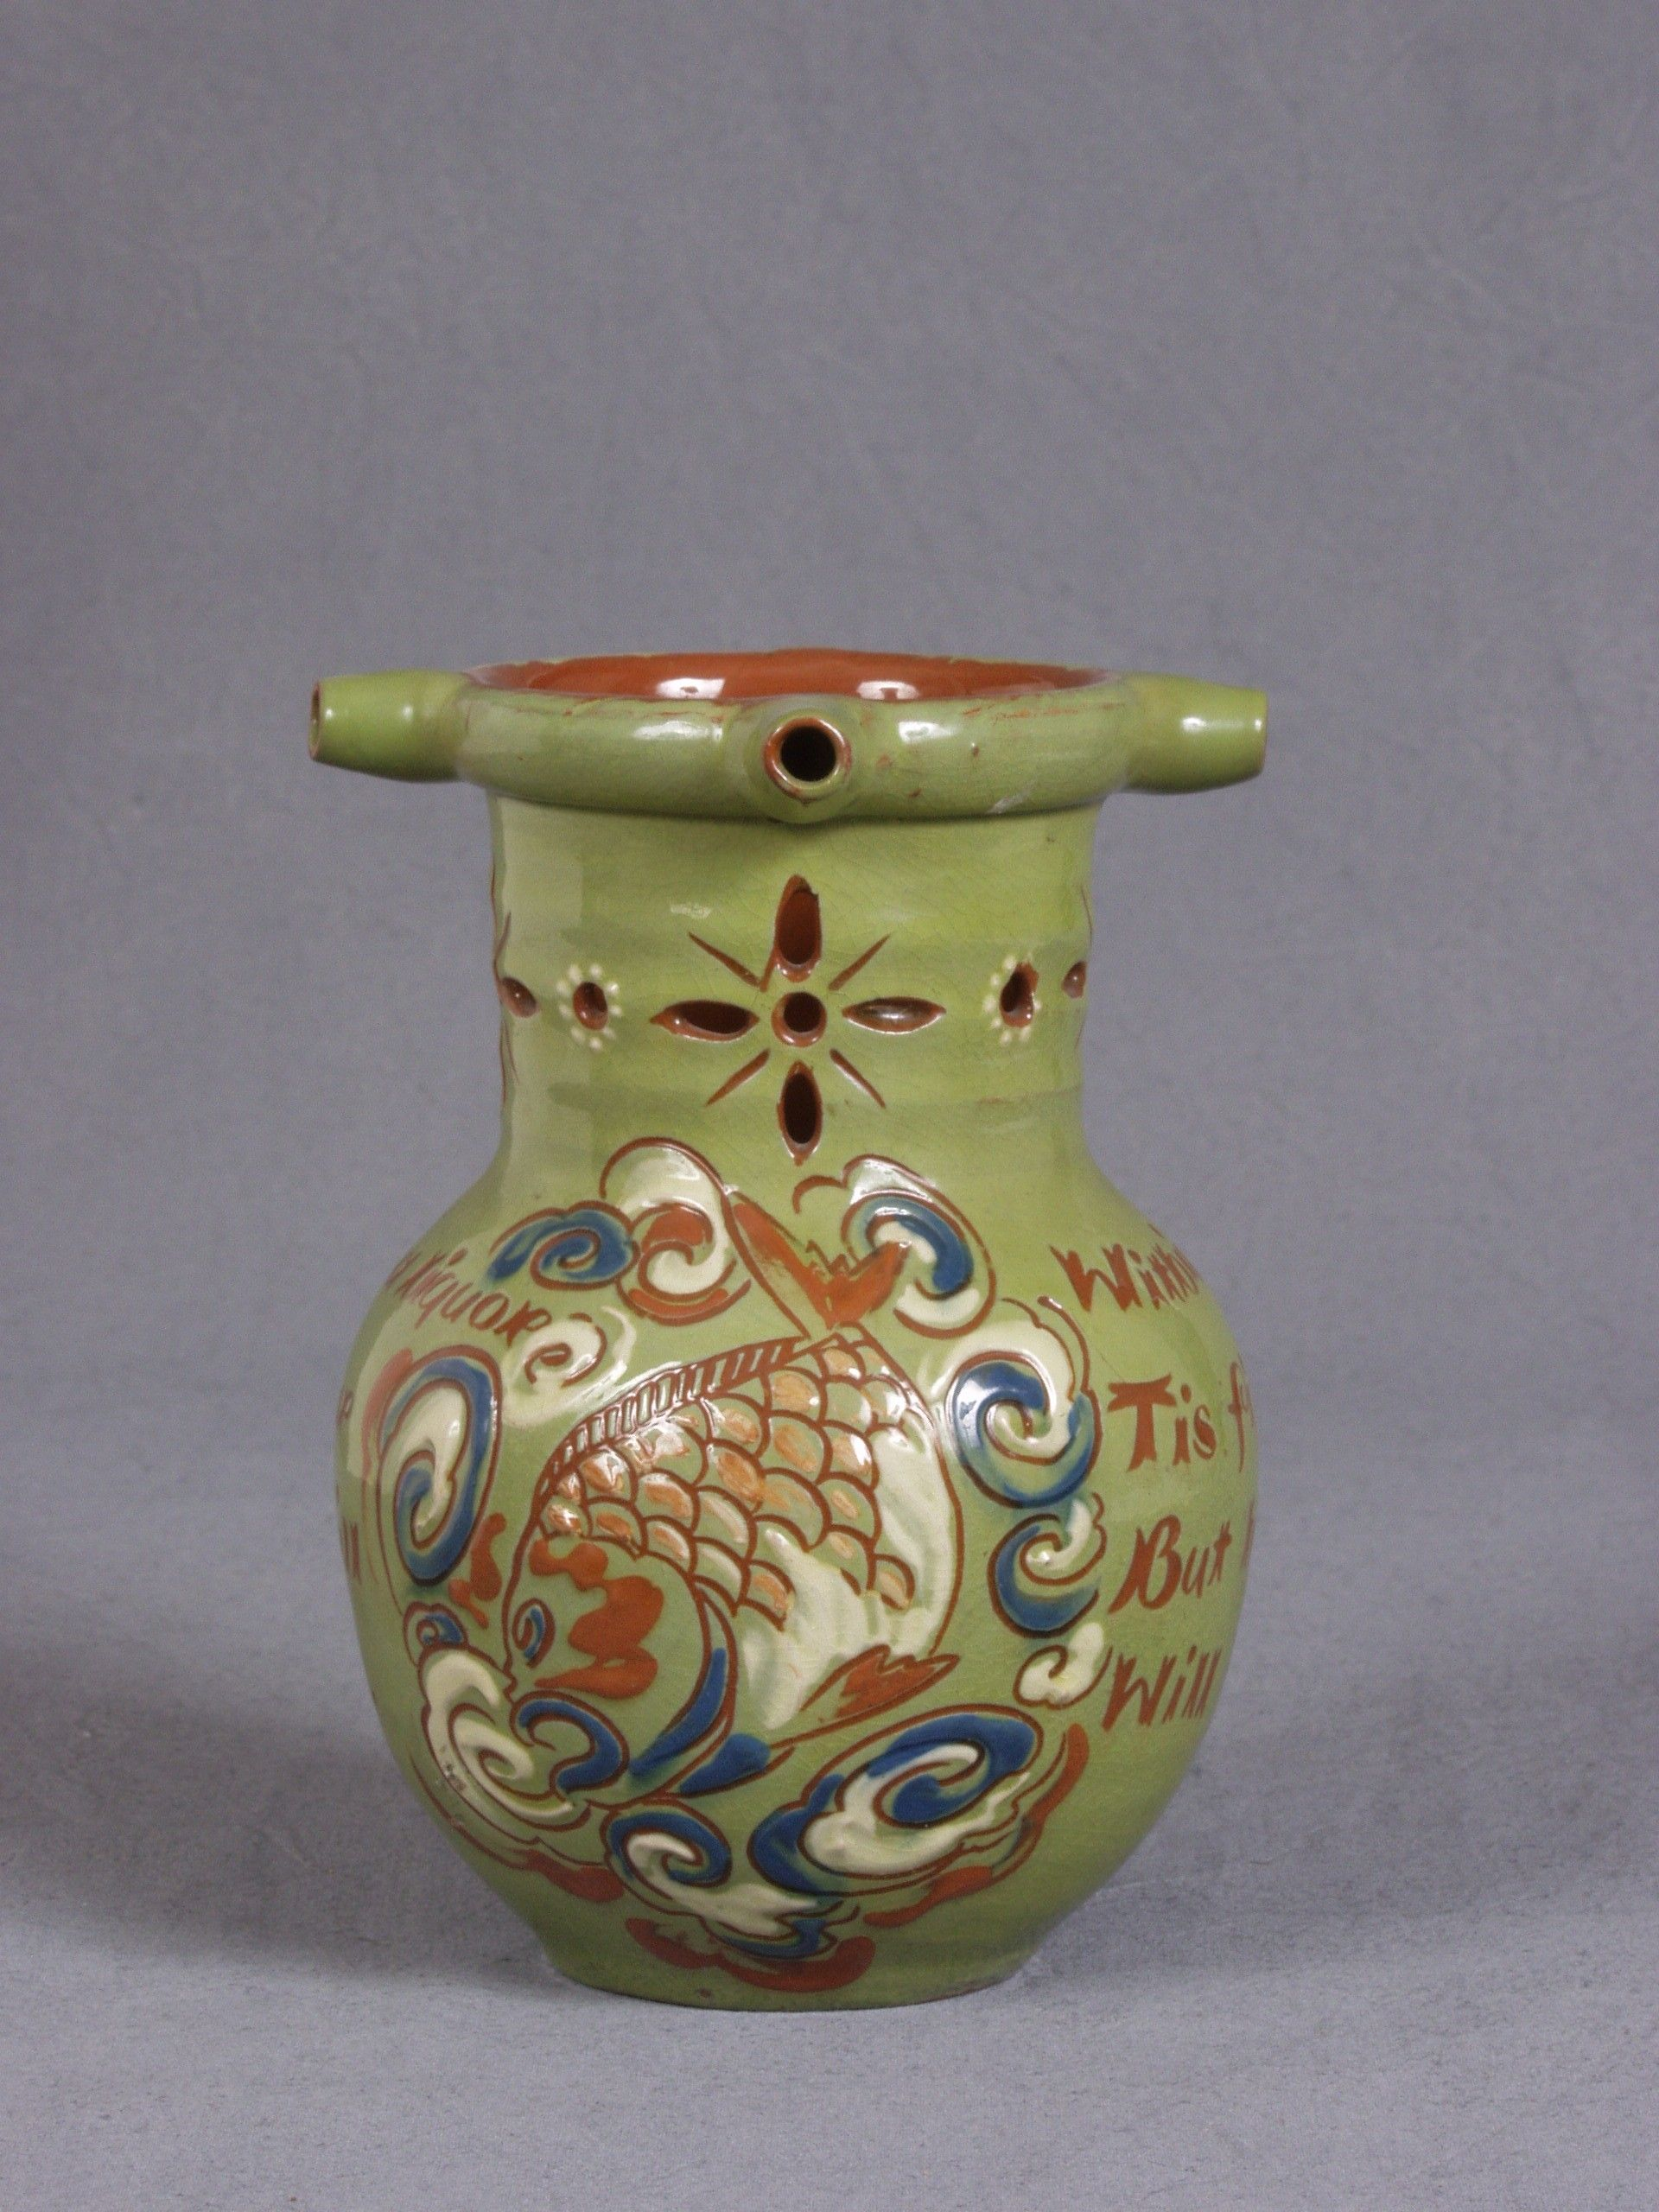 puzzle jug - Ch. Brannam - Barnstaple Museum